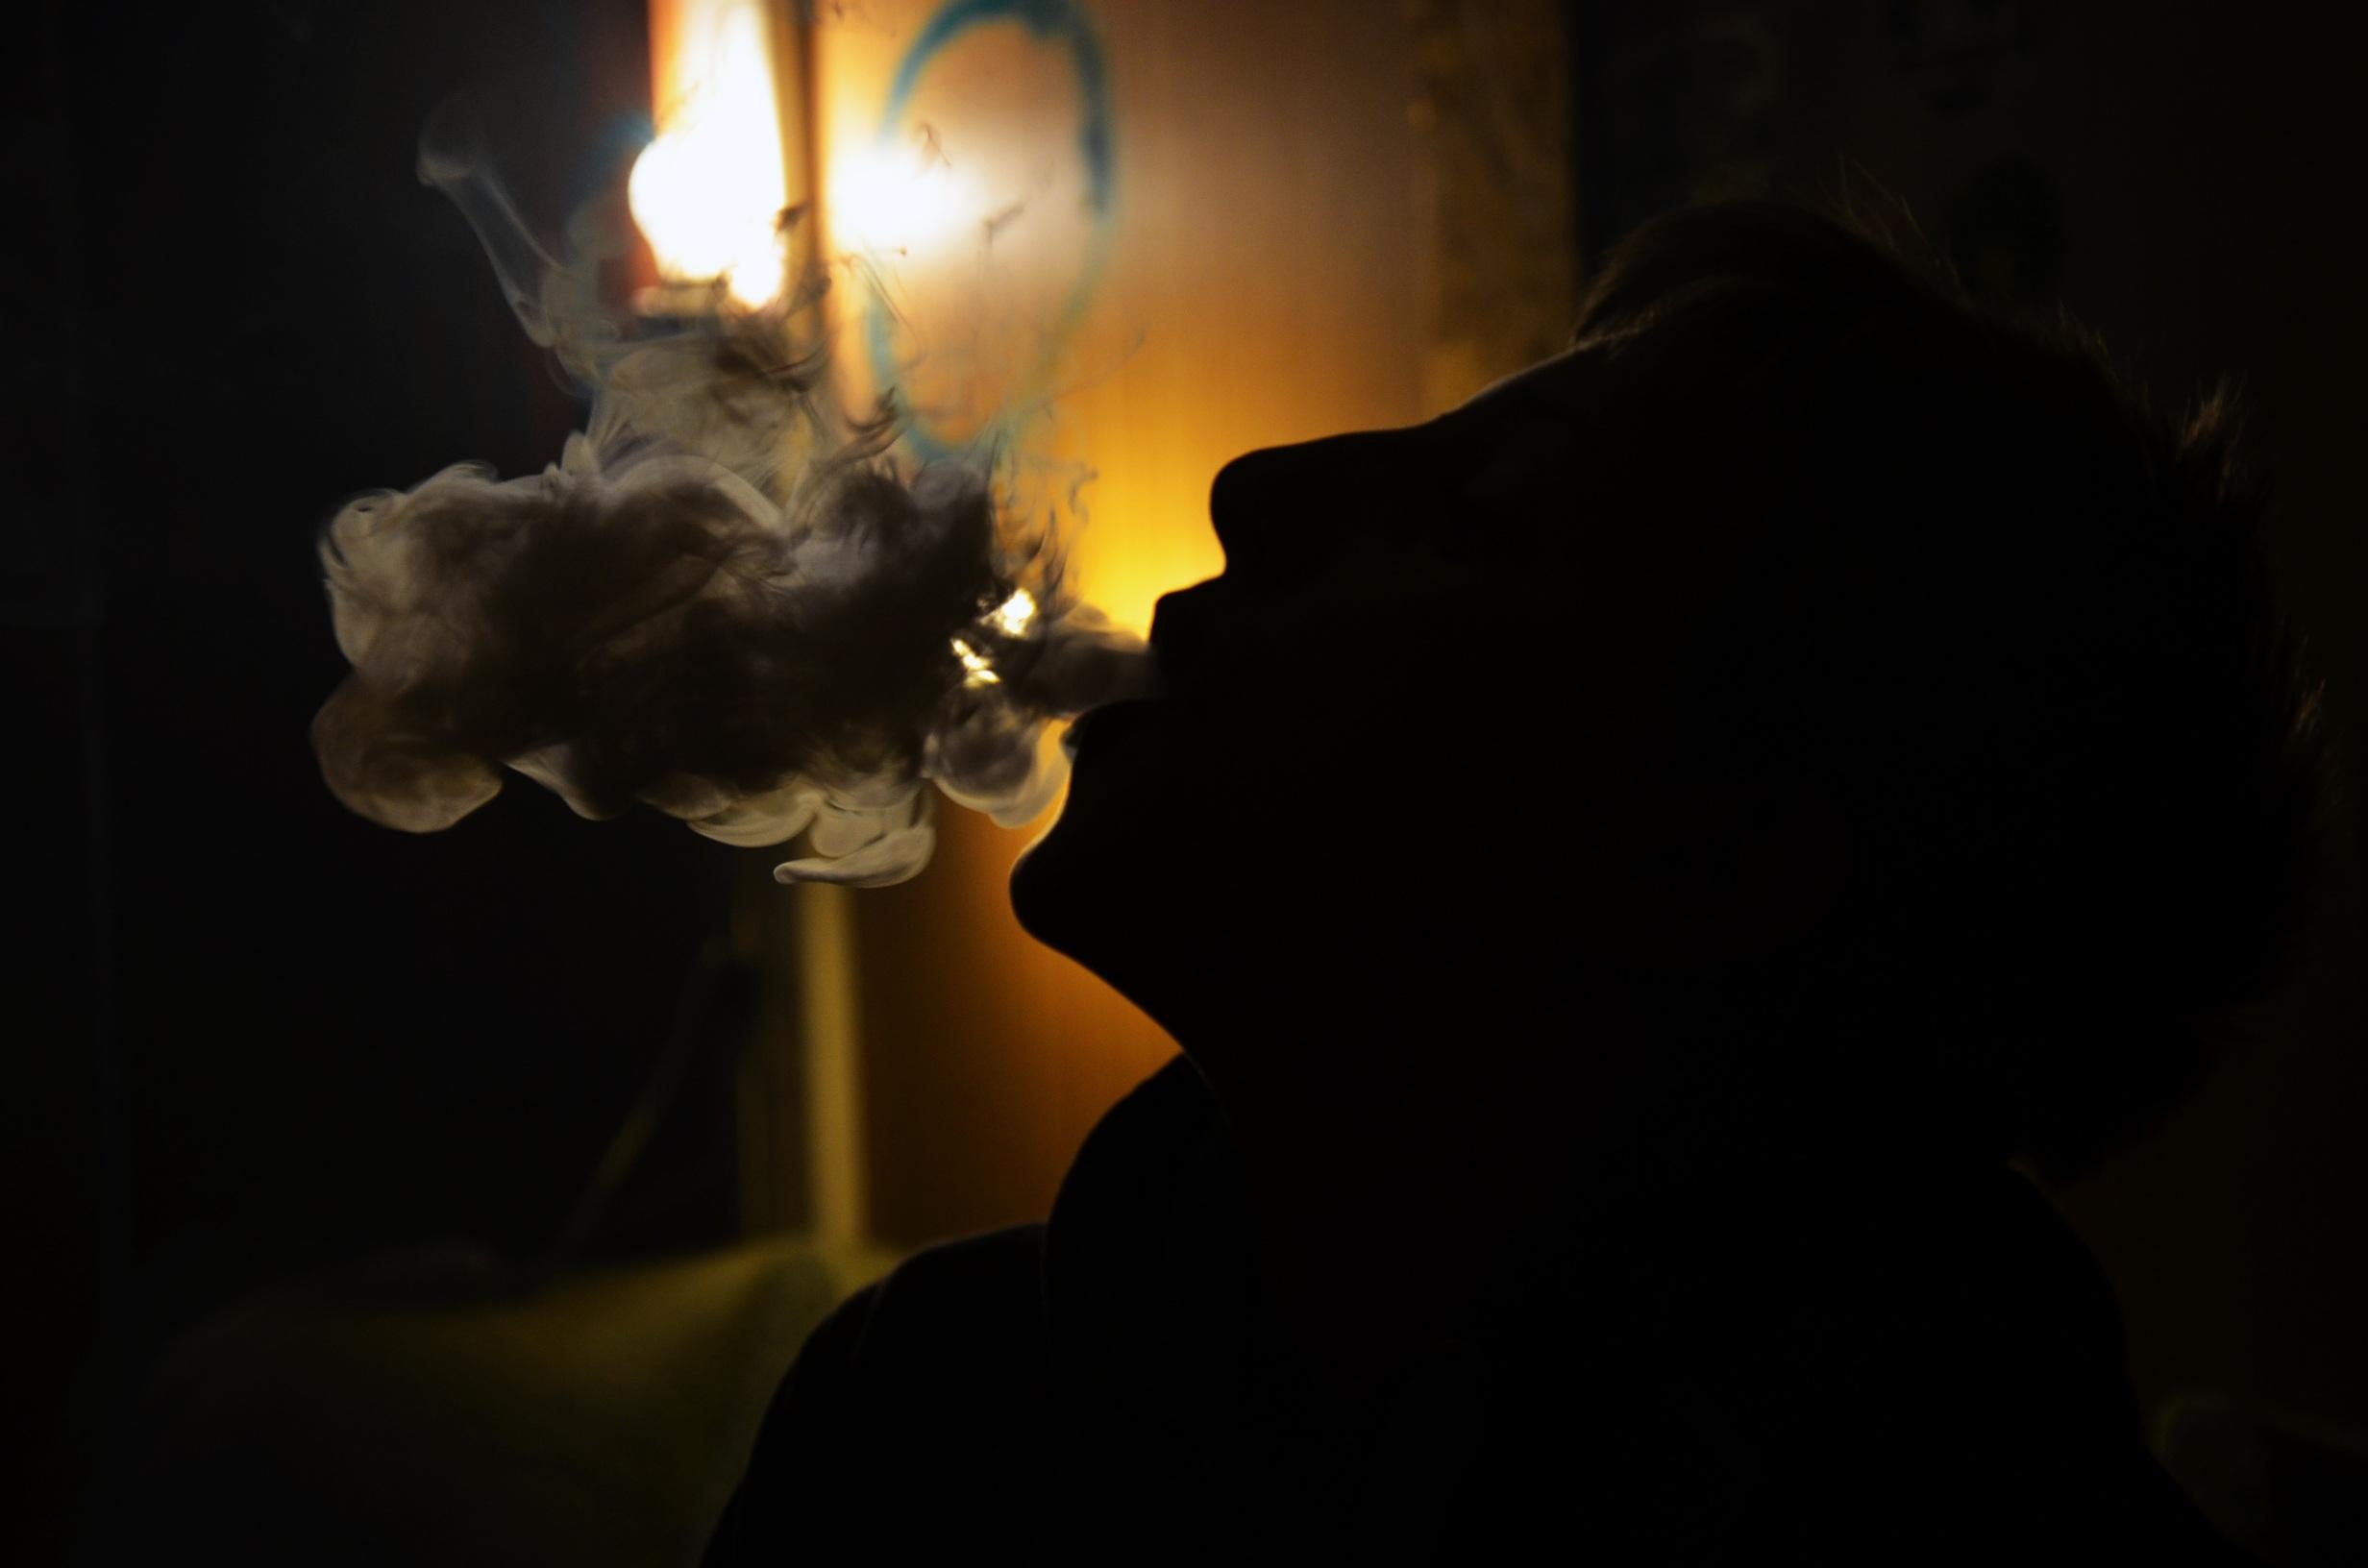 Silhouette Light Night Boy Smoke